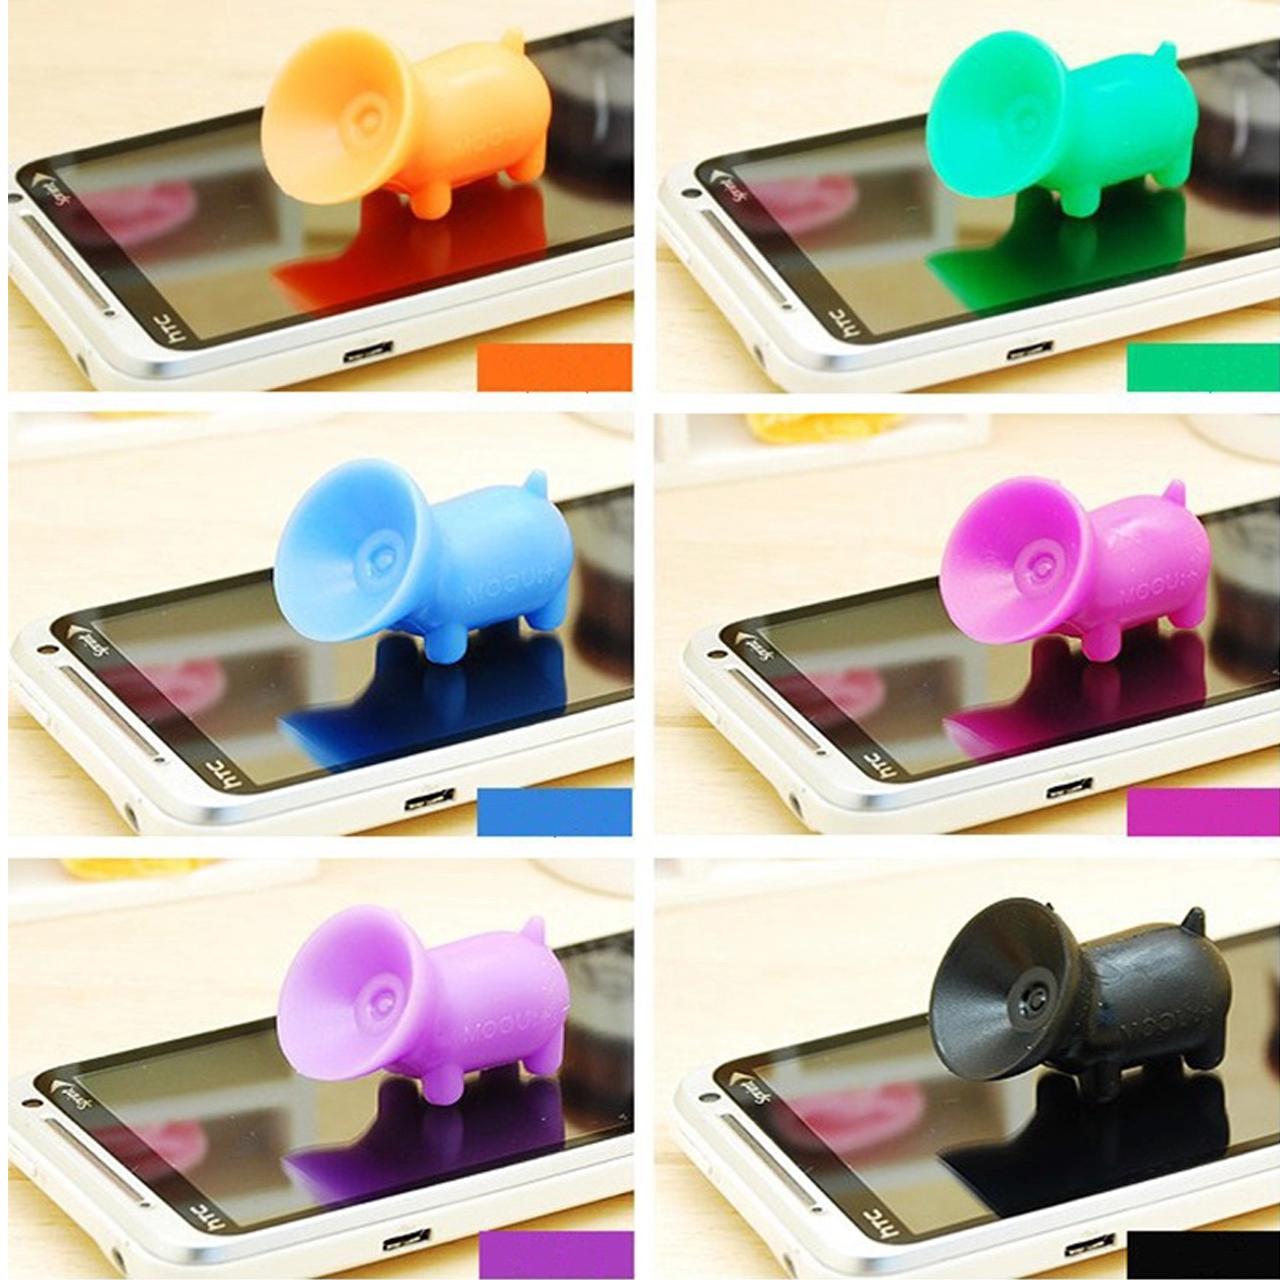 پایه نگهدارنده گوشی موبایل مدل cat2 thumb 6